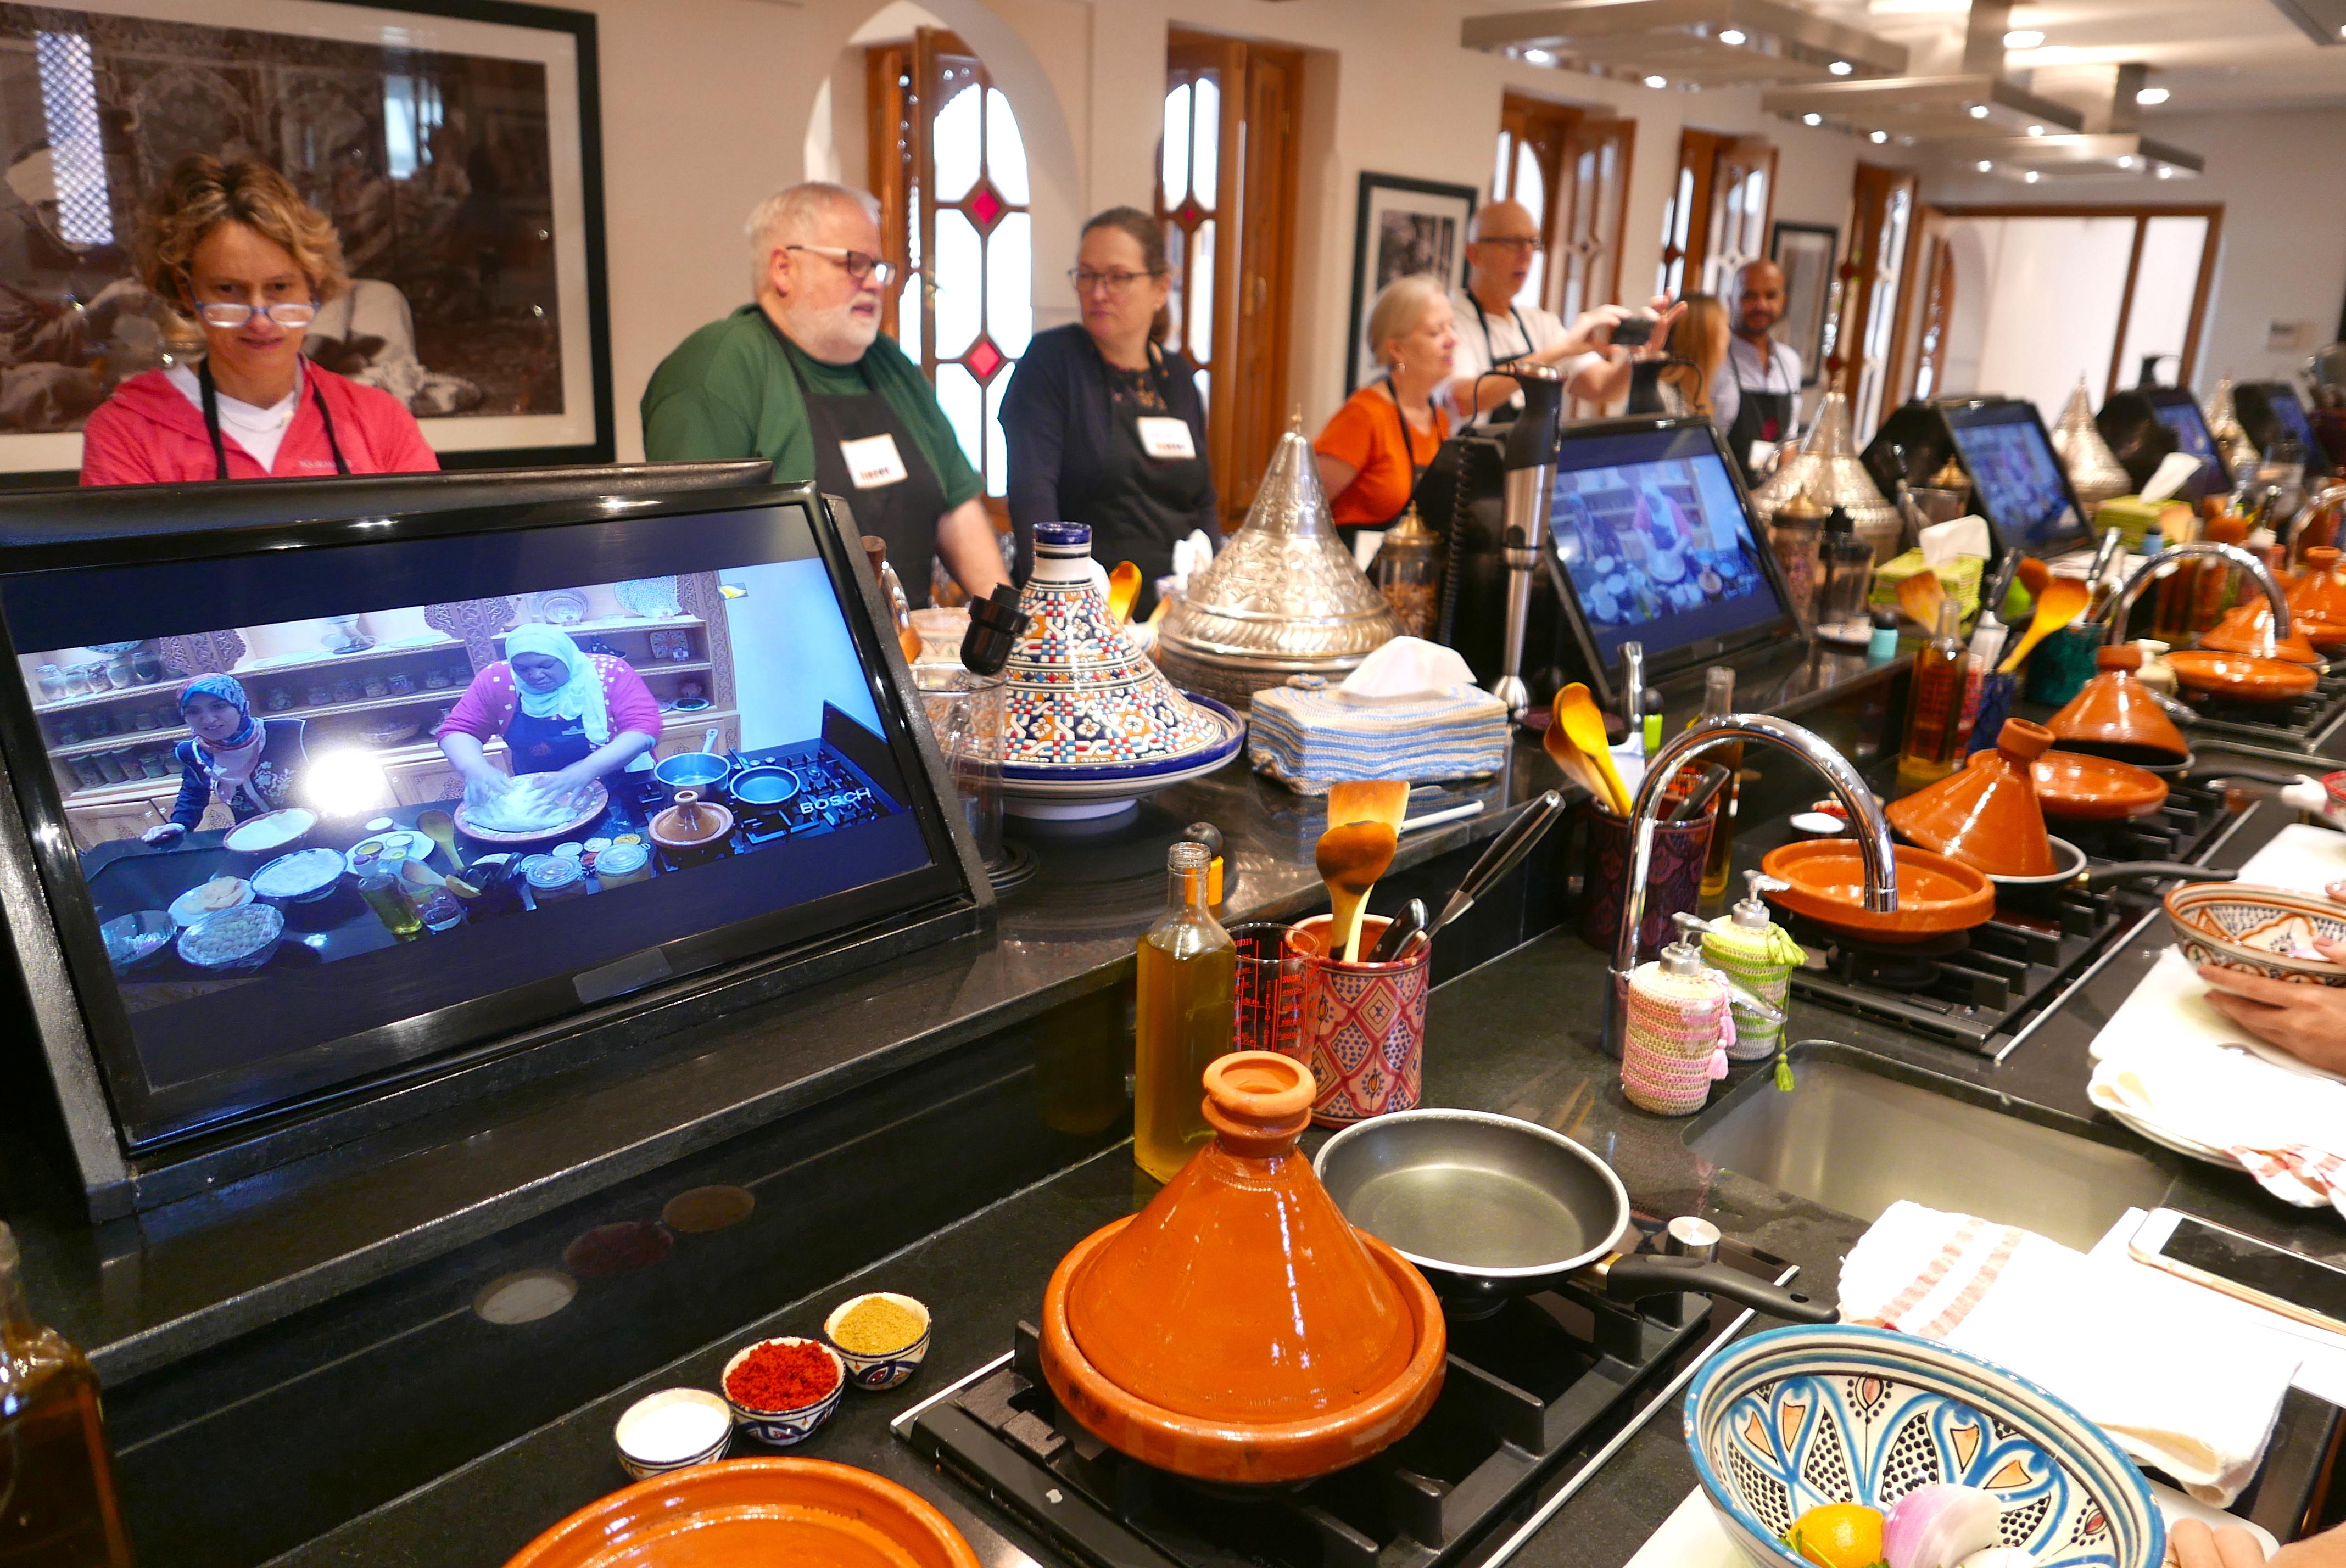 Chegou a hora de preparar o Tagine de Frango, em uma cozinha digna de qualquer Master Chef